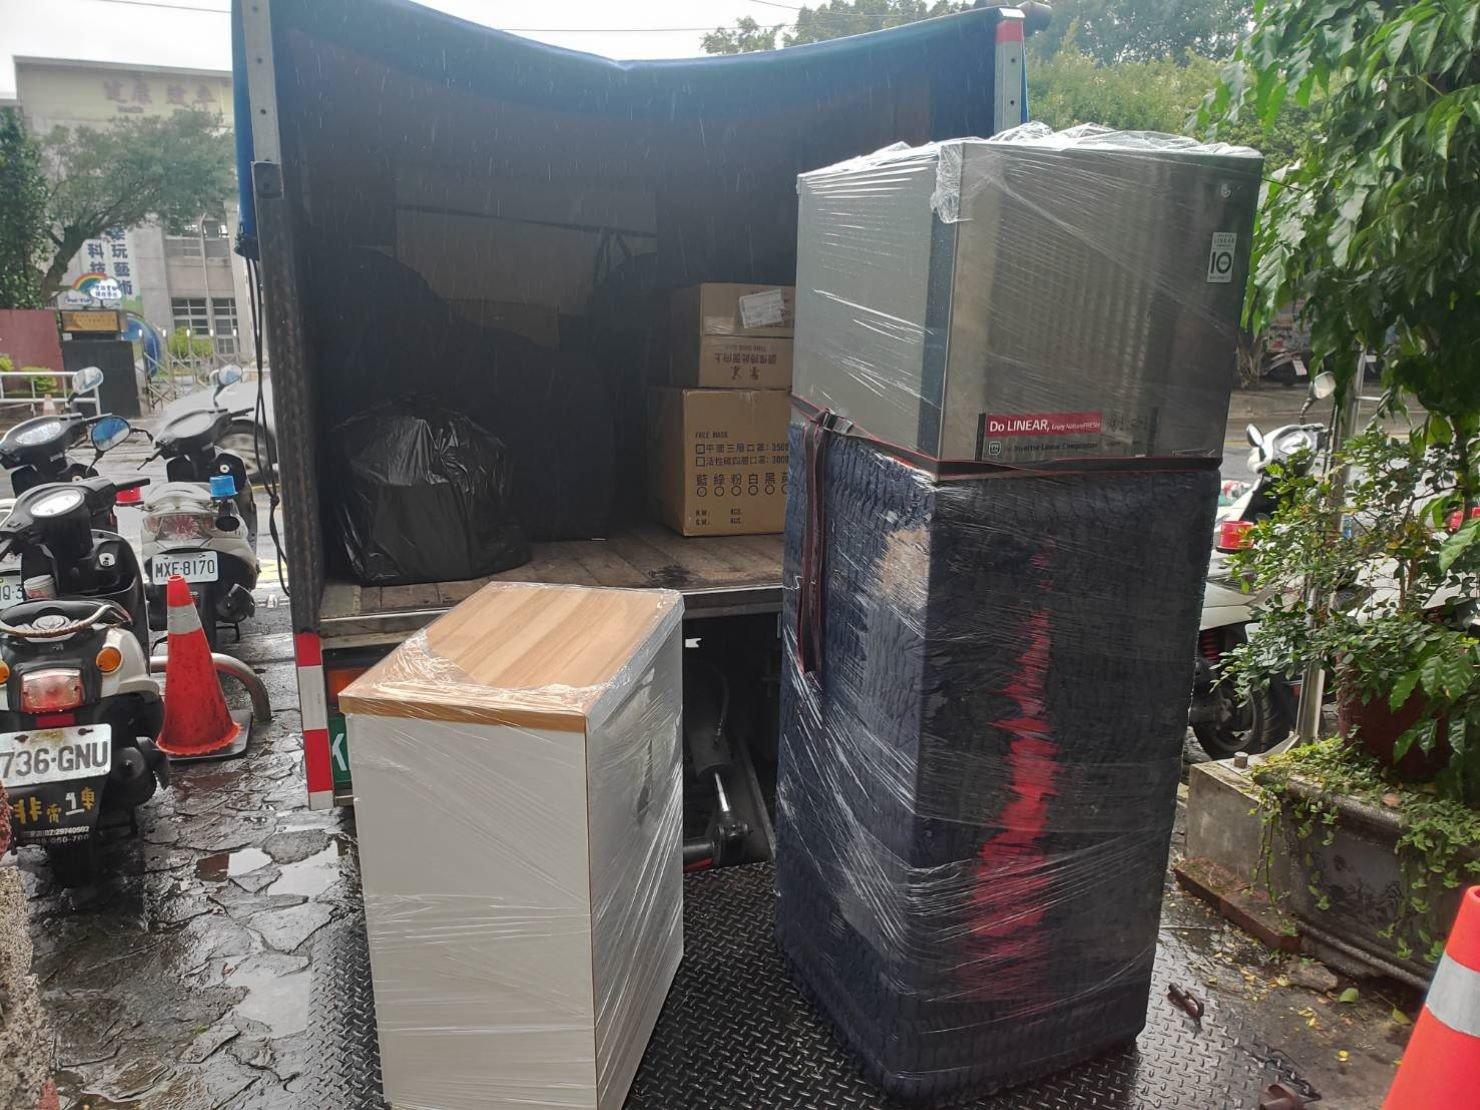 搬冰箱【榮福搬家公司】台北搬家、家庭搬家、搬家、新北搬家、搬家首選、搬家公司推薦:優質搬家,包裝搬運「細膩包裝、專業搬運、用心服務、以客為尊」是榮福搬家公司的宗旨與精神。住家搬遷、家庭搬遷,歡迎立即來電02-2651-2727專人服務。